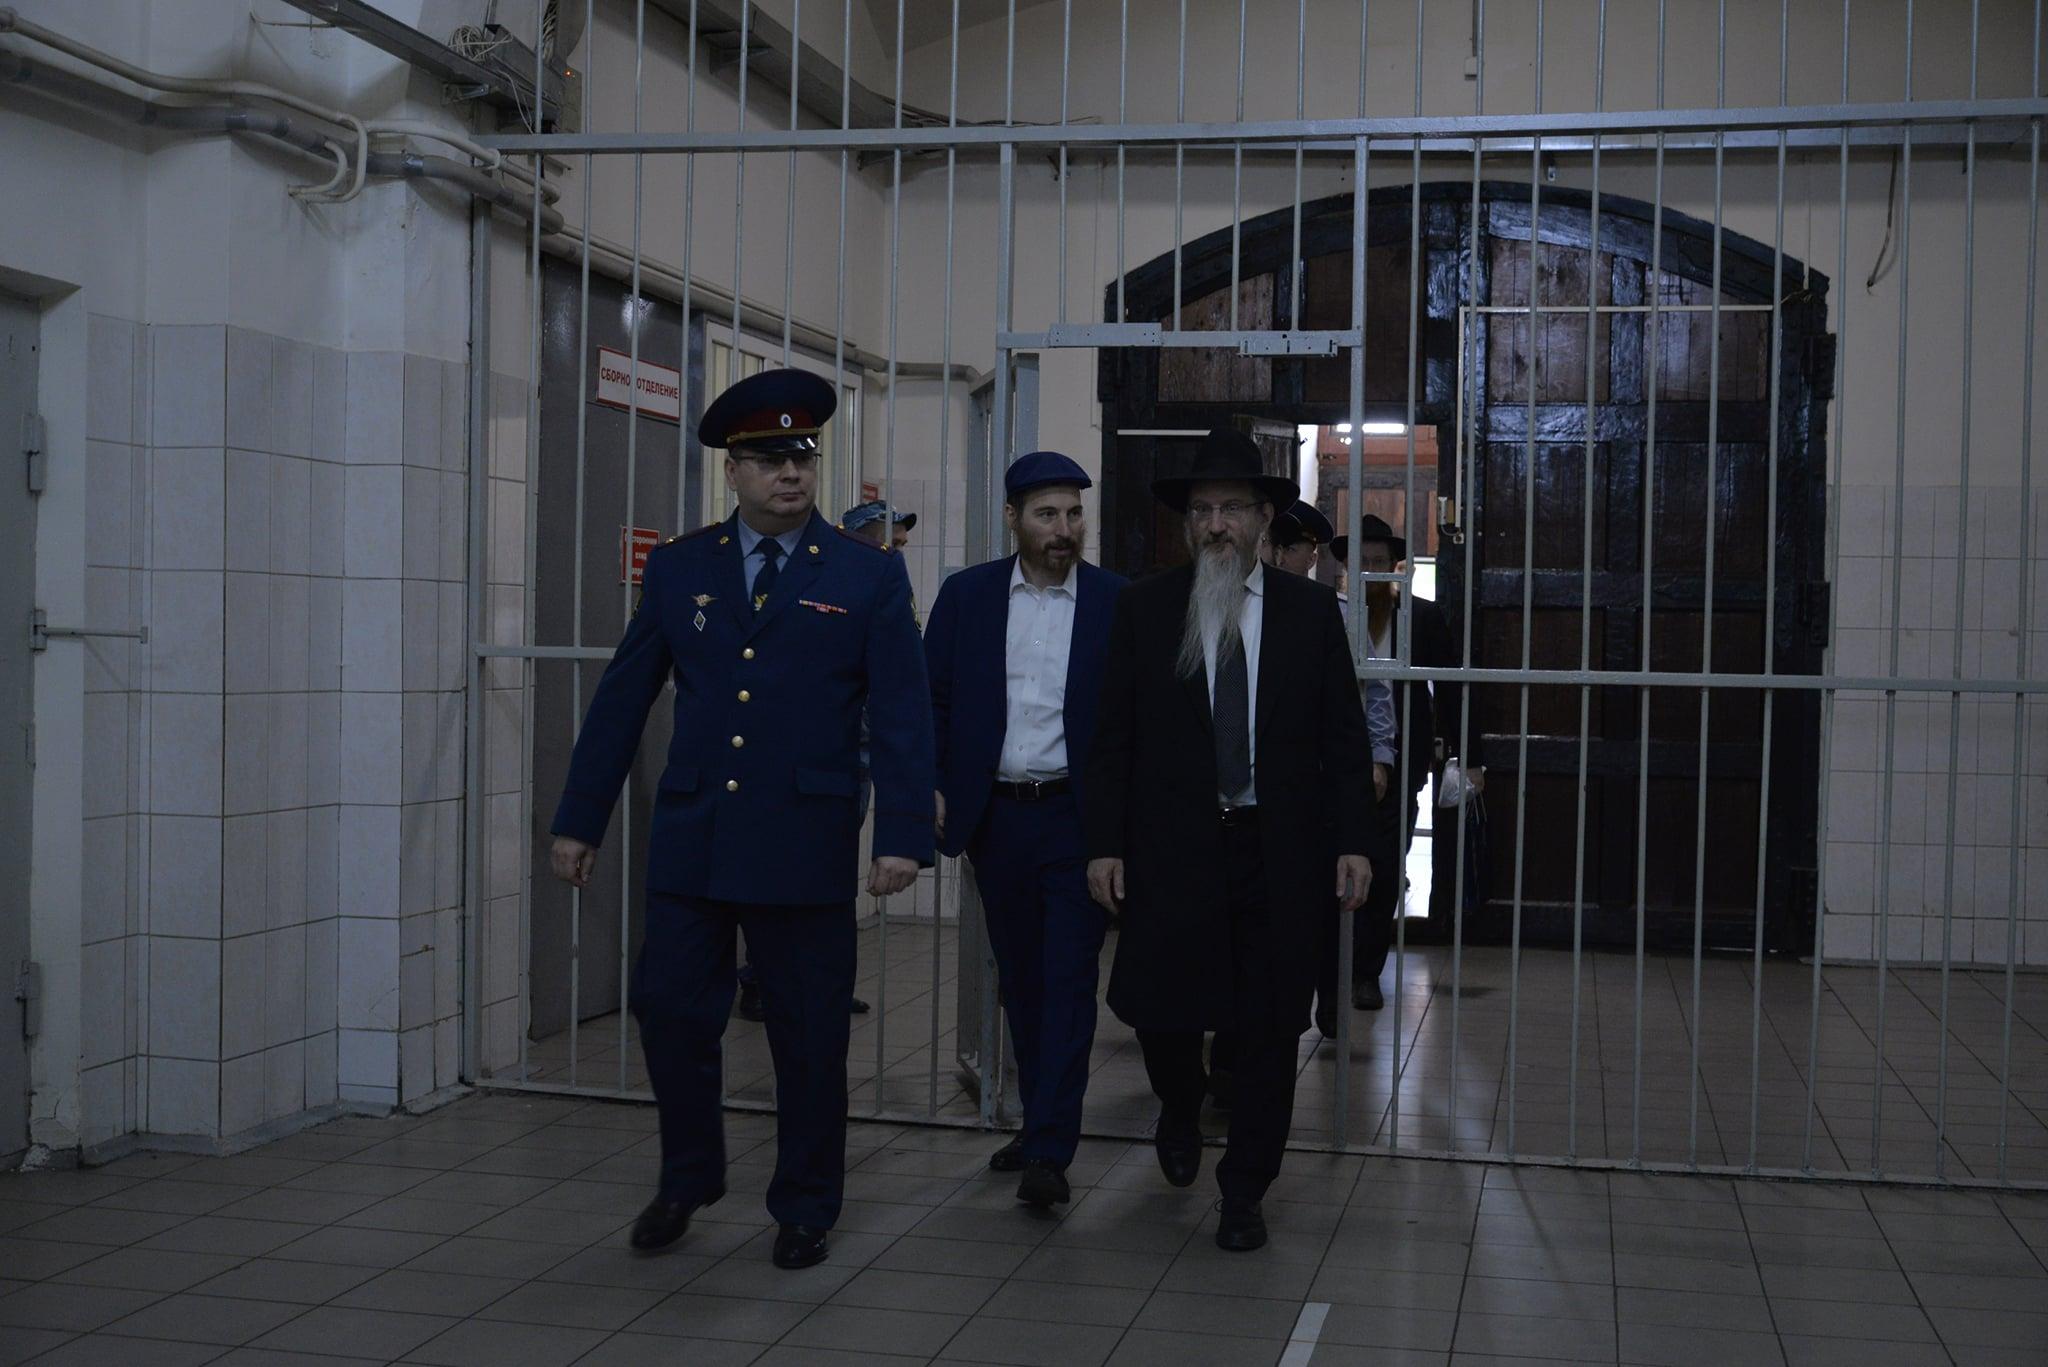 Раввин Лазар навестил заключенных в Бутырской тюрьме